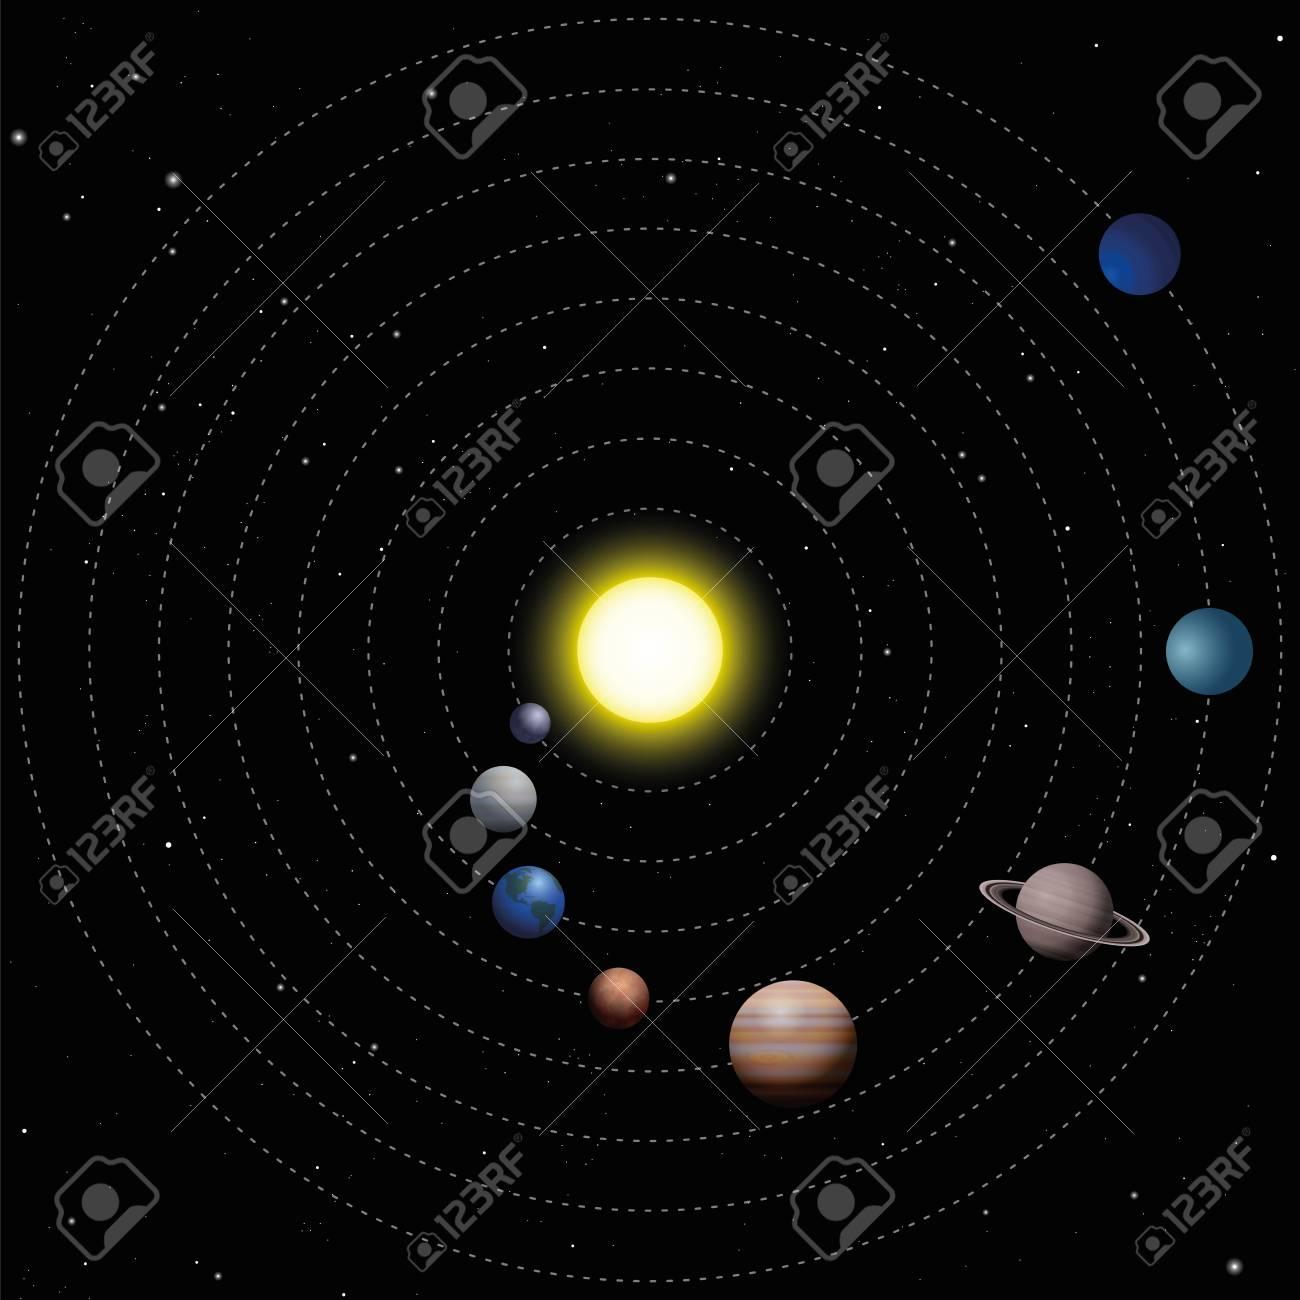 Sistema Solar Modelo Esquemático Del Sol Con Los Ocho Planetas Que Lo Orbitan Mercurio Venus Tierra Marte Júpiter Saturno Urano Neptuno Clasificado En Espiral Desde Adentro Hacia Afuera Sol